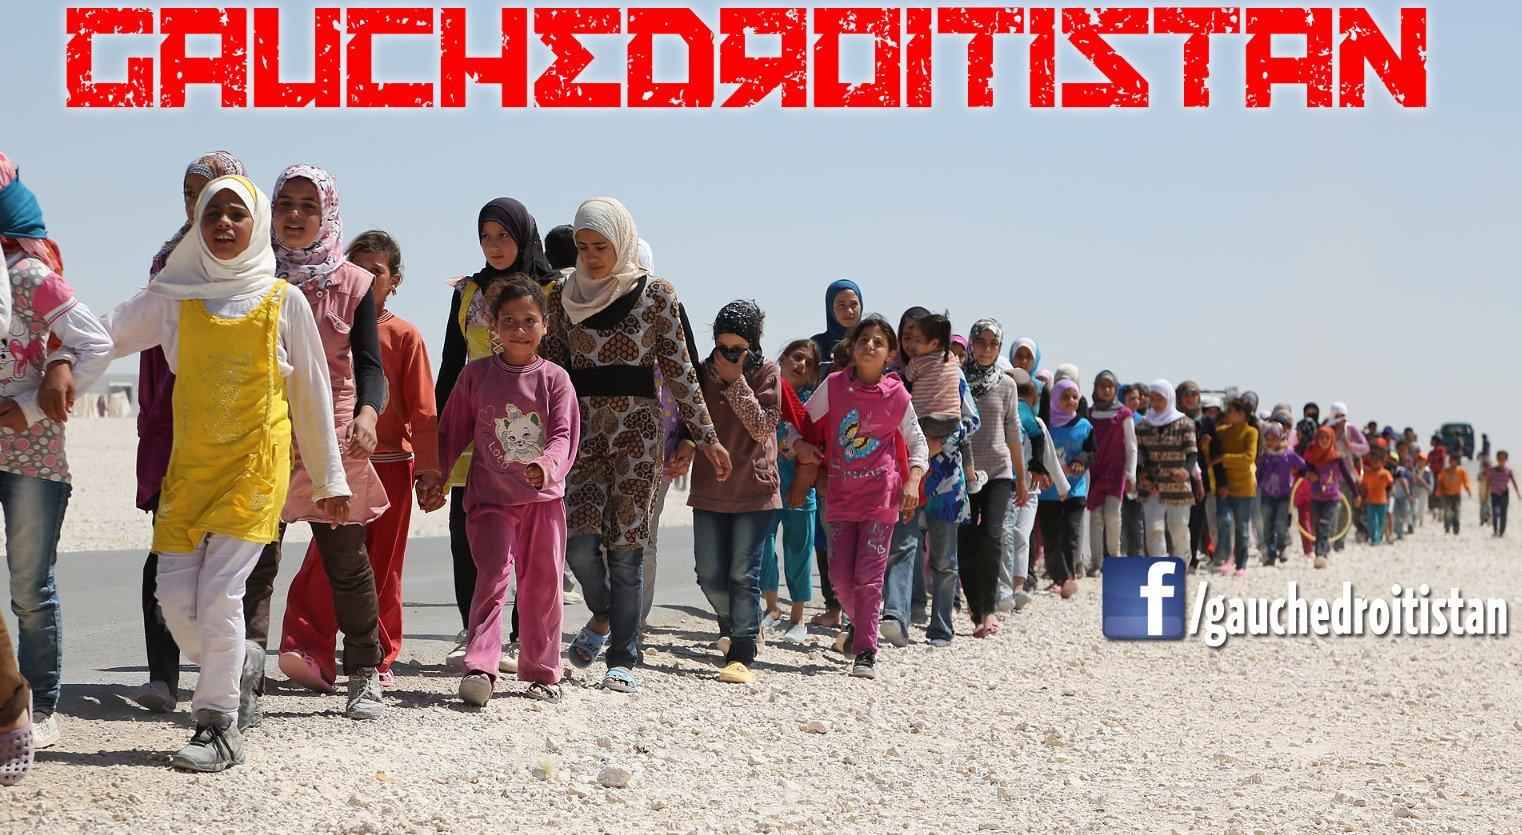 Gauchedroitistan 23 novembre 2015: PQ, autochtones, réfugiés, Niqab et Élections américaines